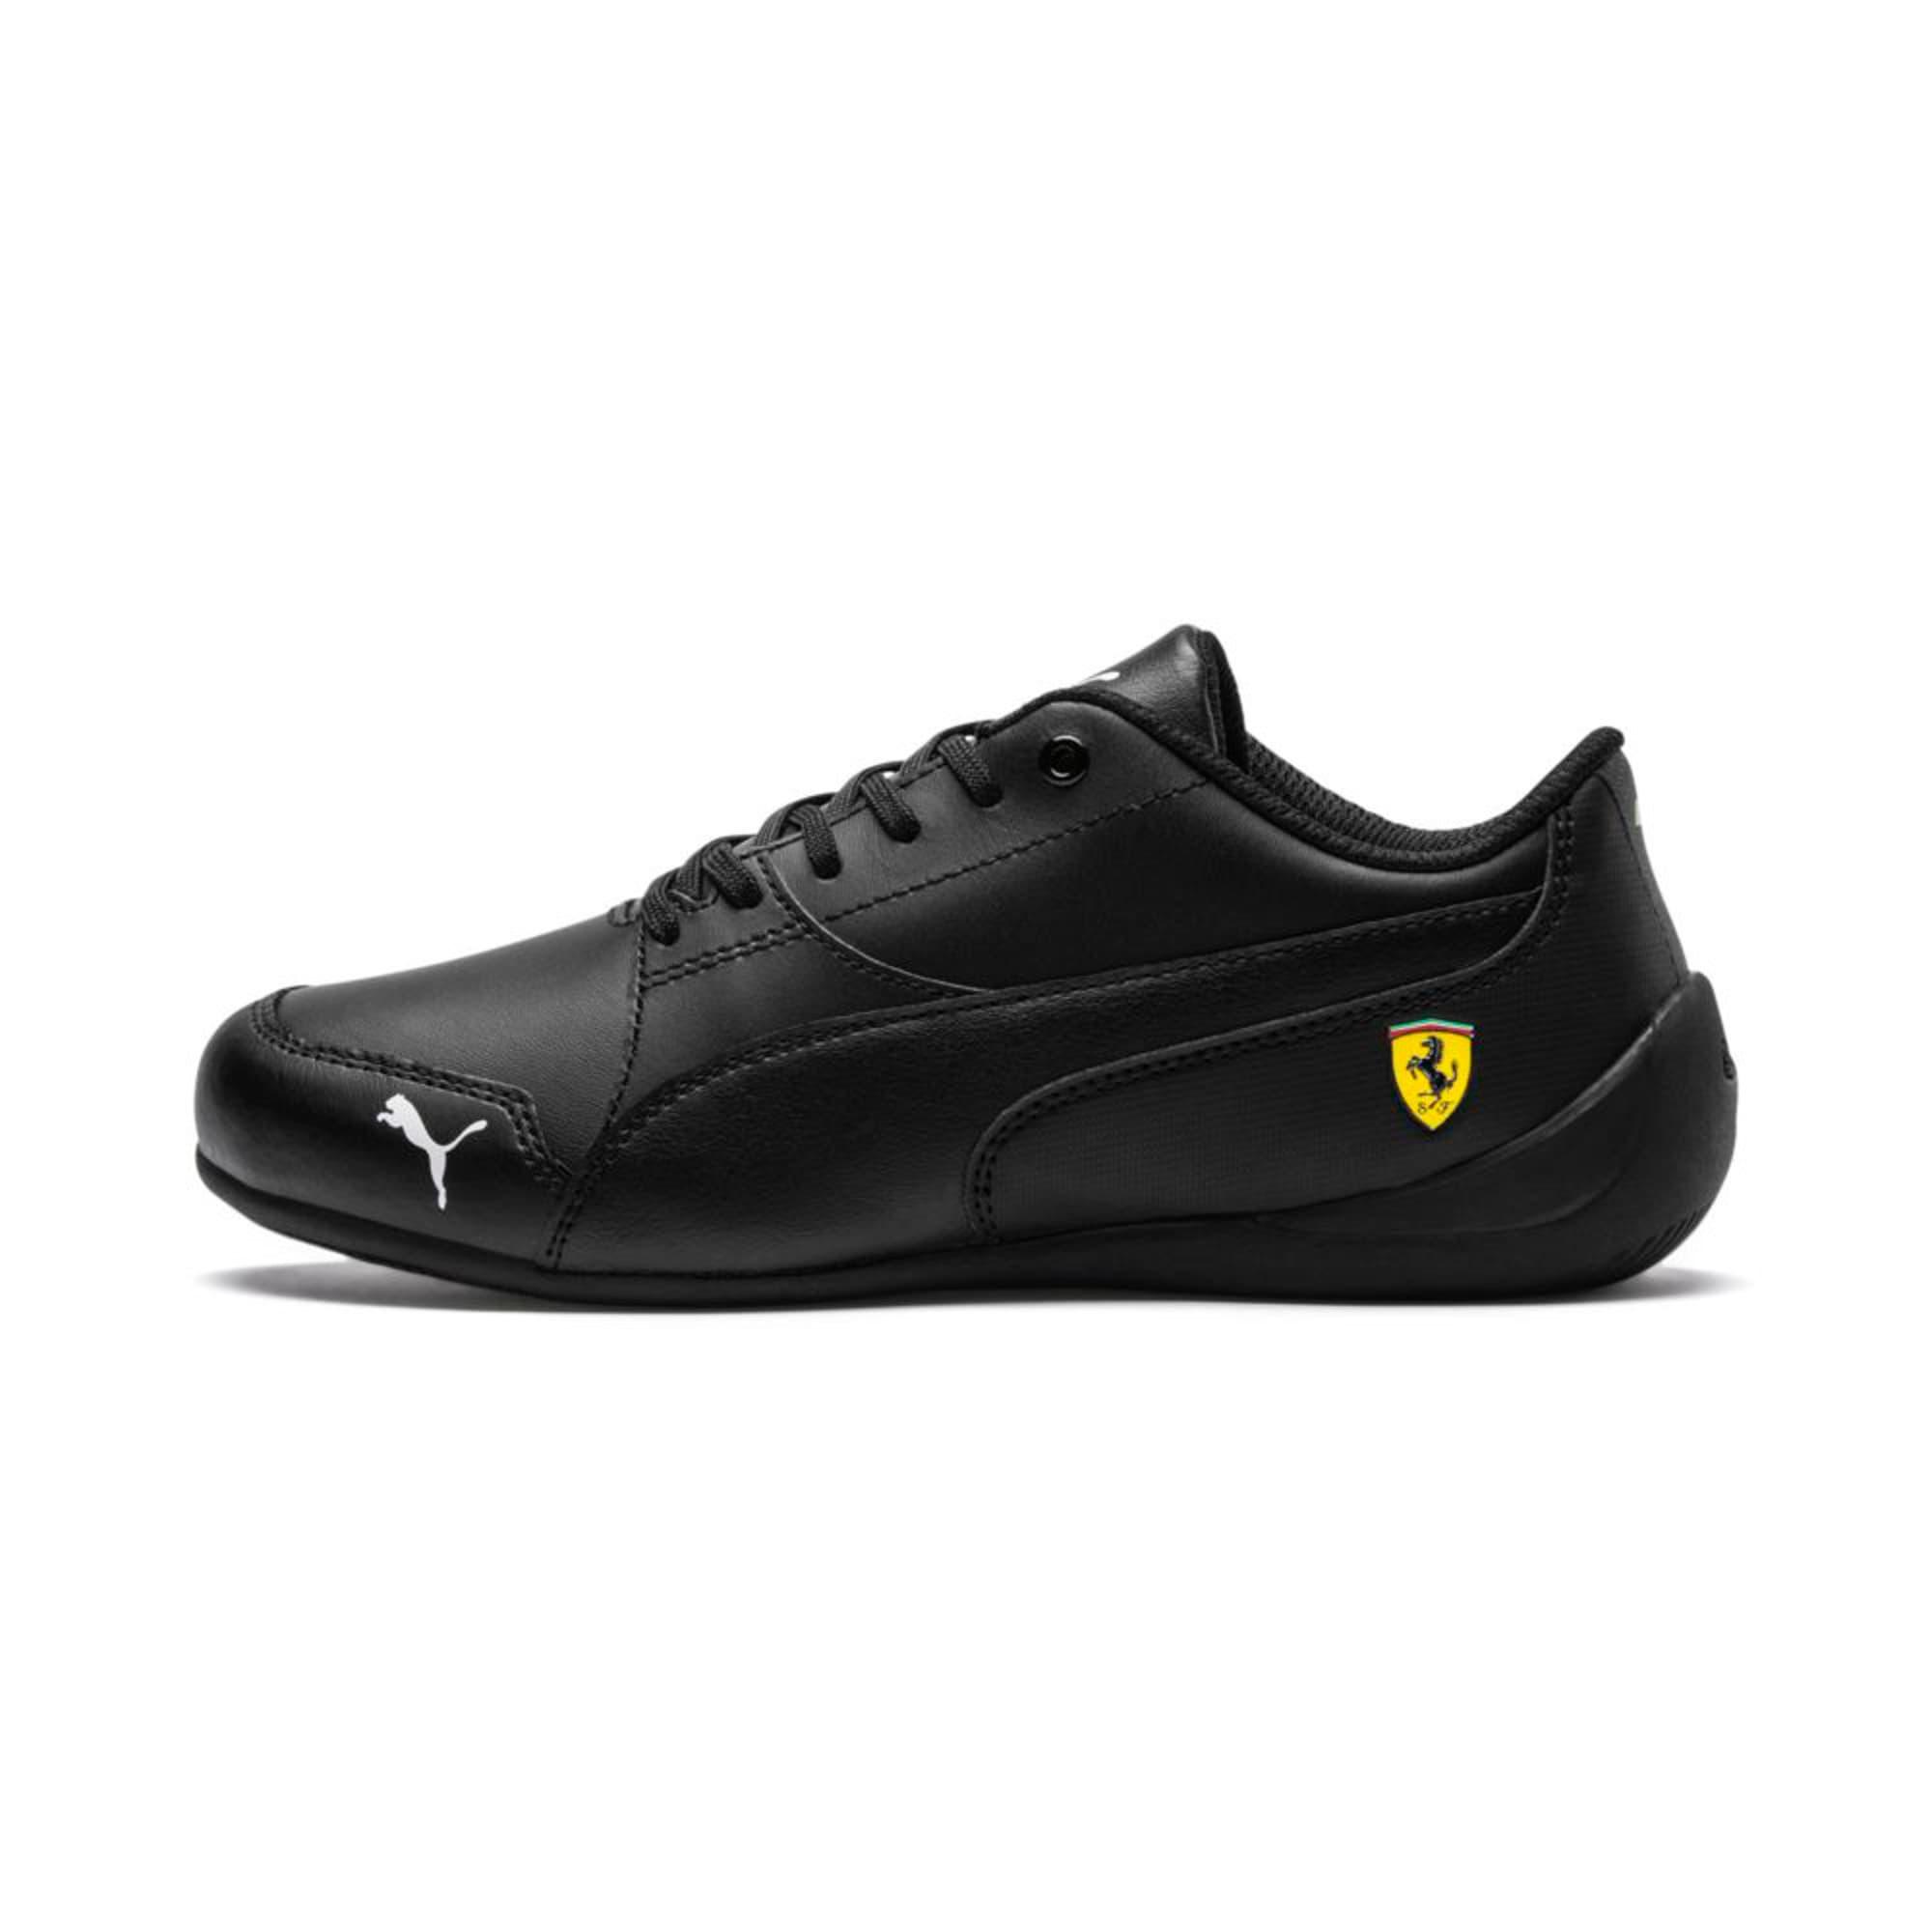 Thumbnail 1 of Ferrari Drift Cat 7 Kids' Trainers, Puma Black-Puma Black, medium-IND